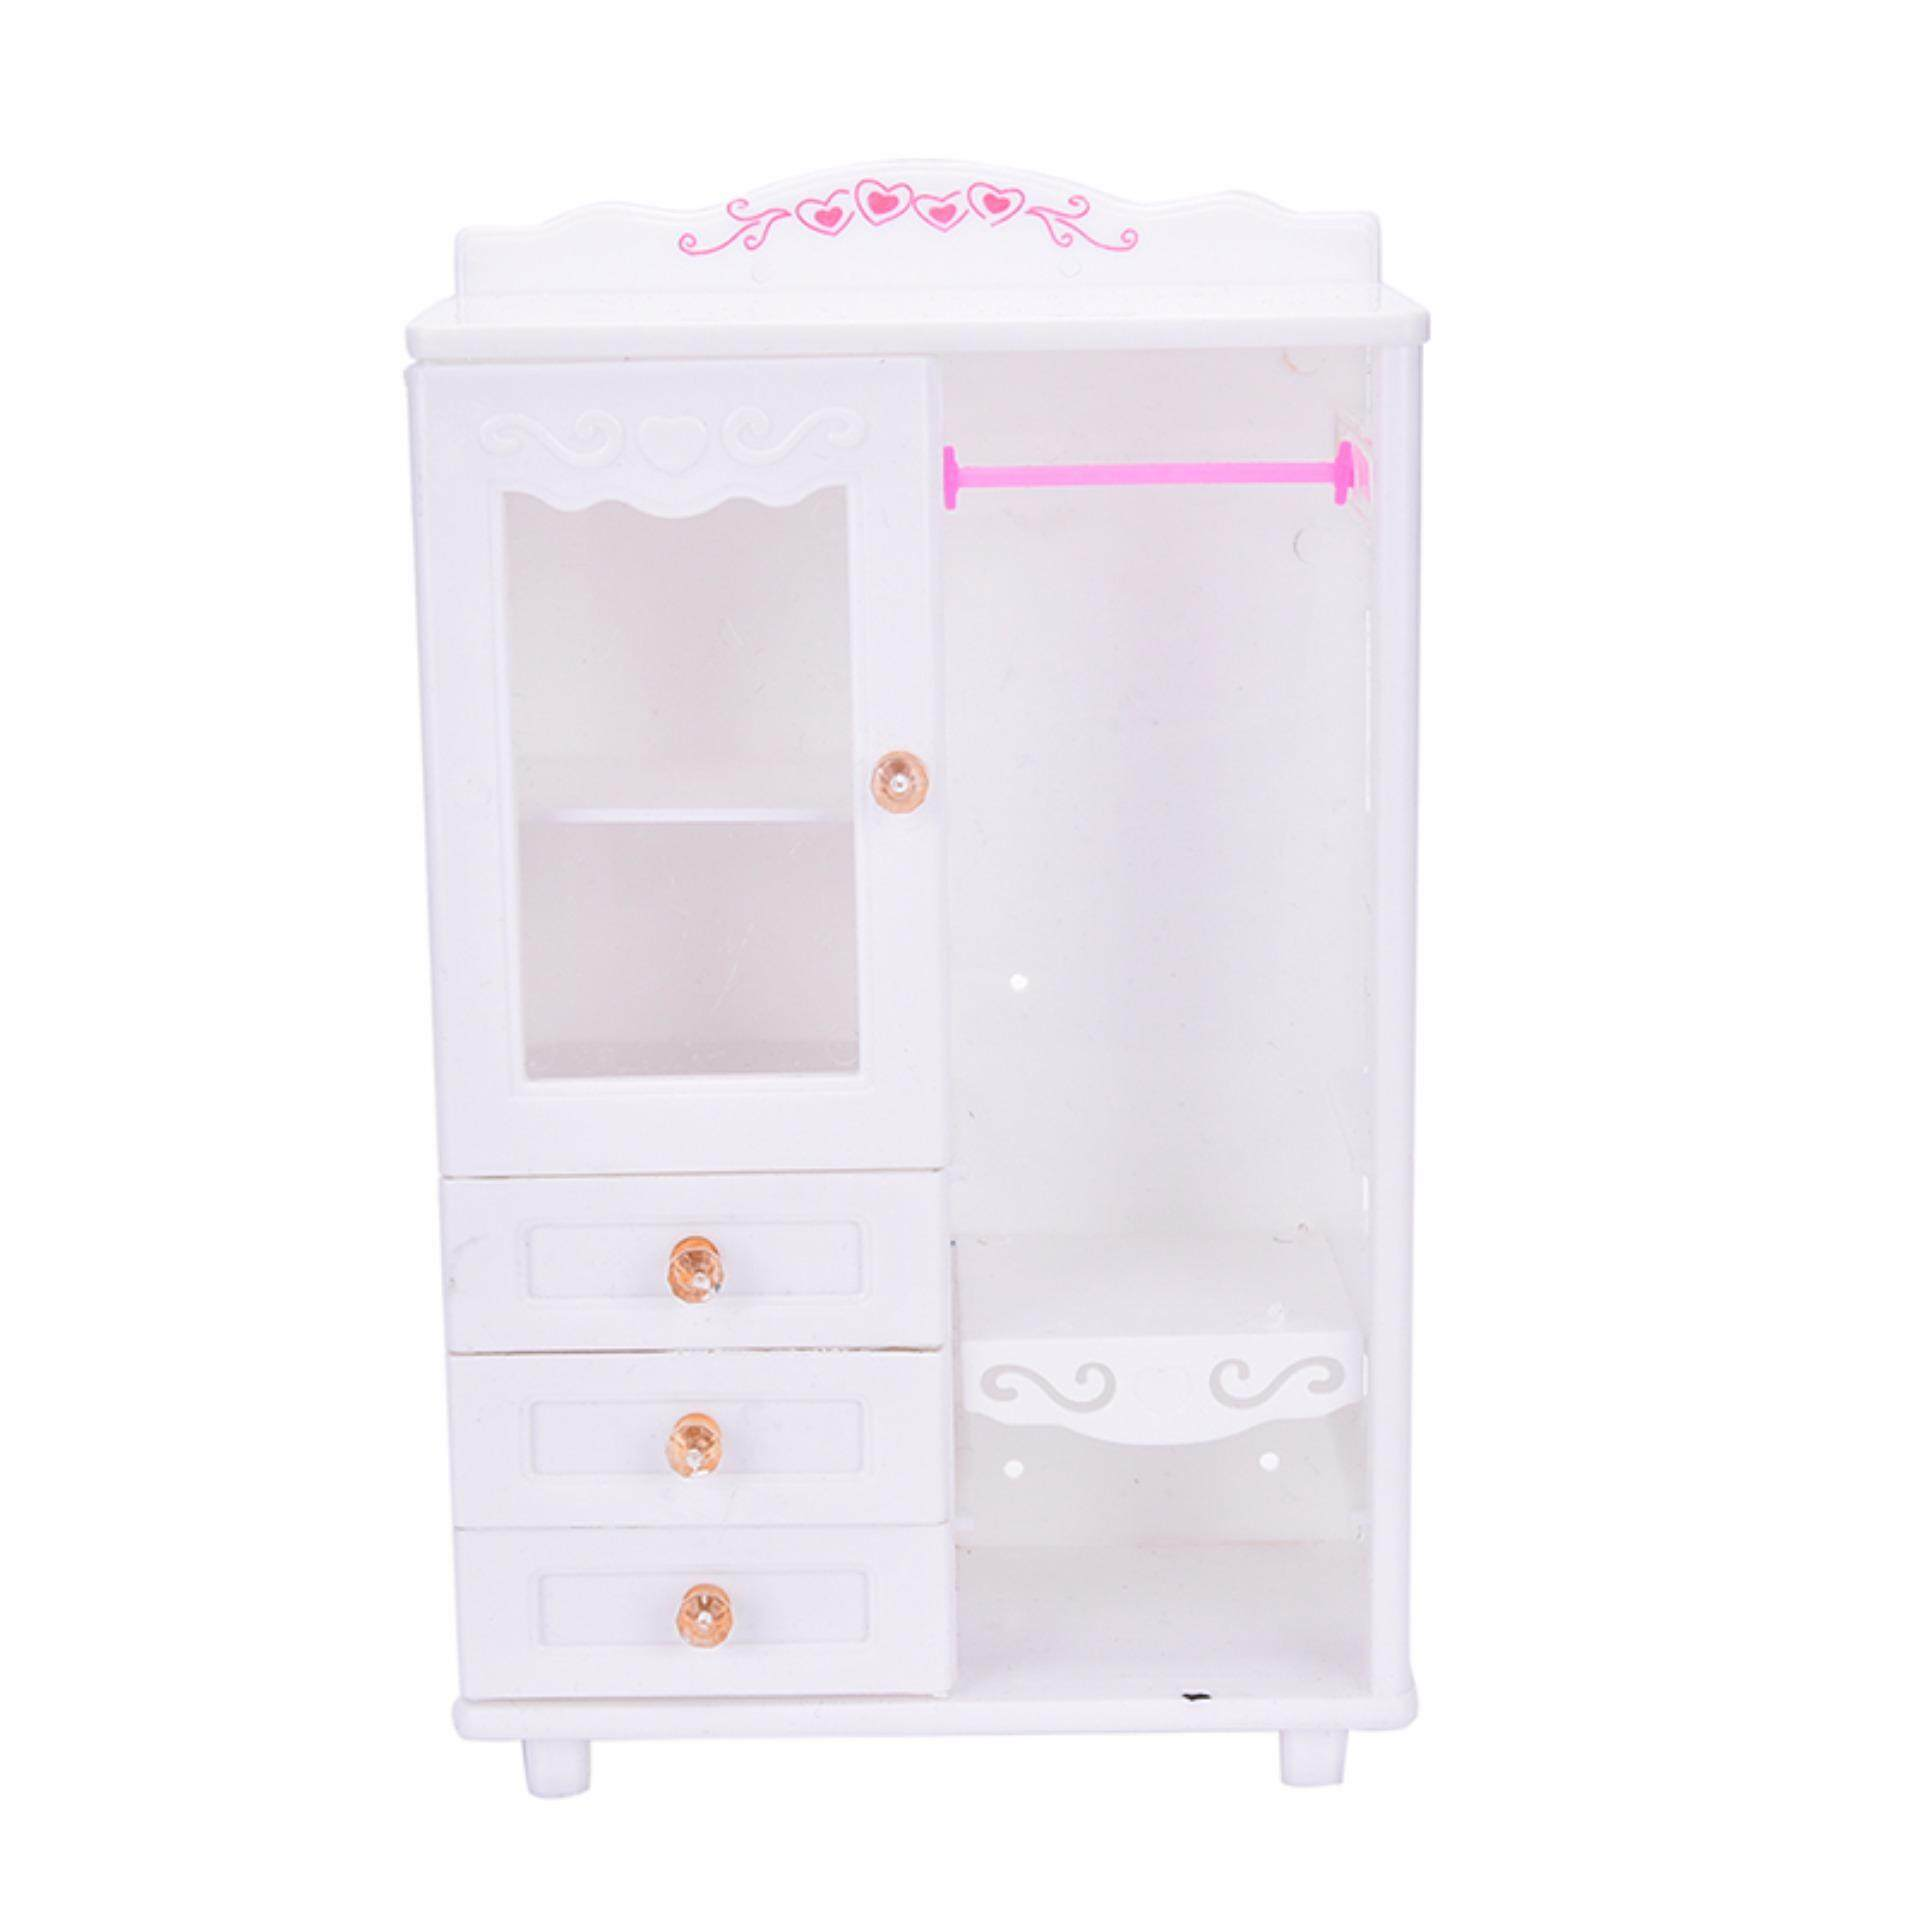 Fitur Plastik Mebel Ruang Tamu Lemari Pakaian Untuk Barbie Aksesoris Katalog Berbie Baju Rumah Boneka Mainan Internasional 3